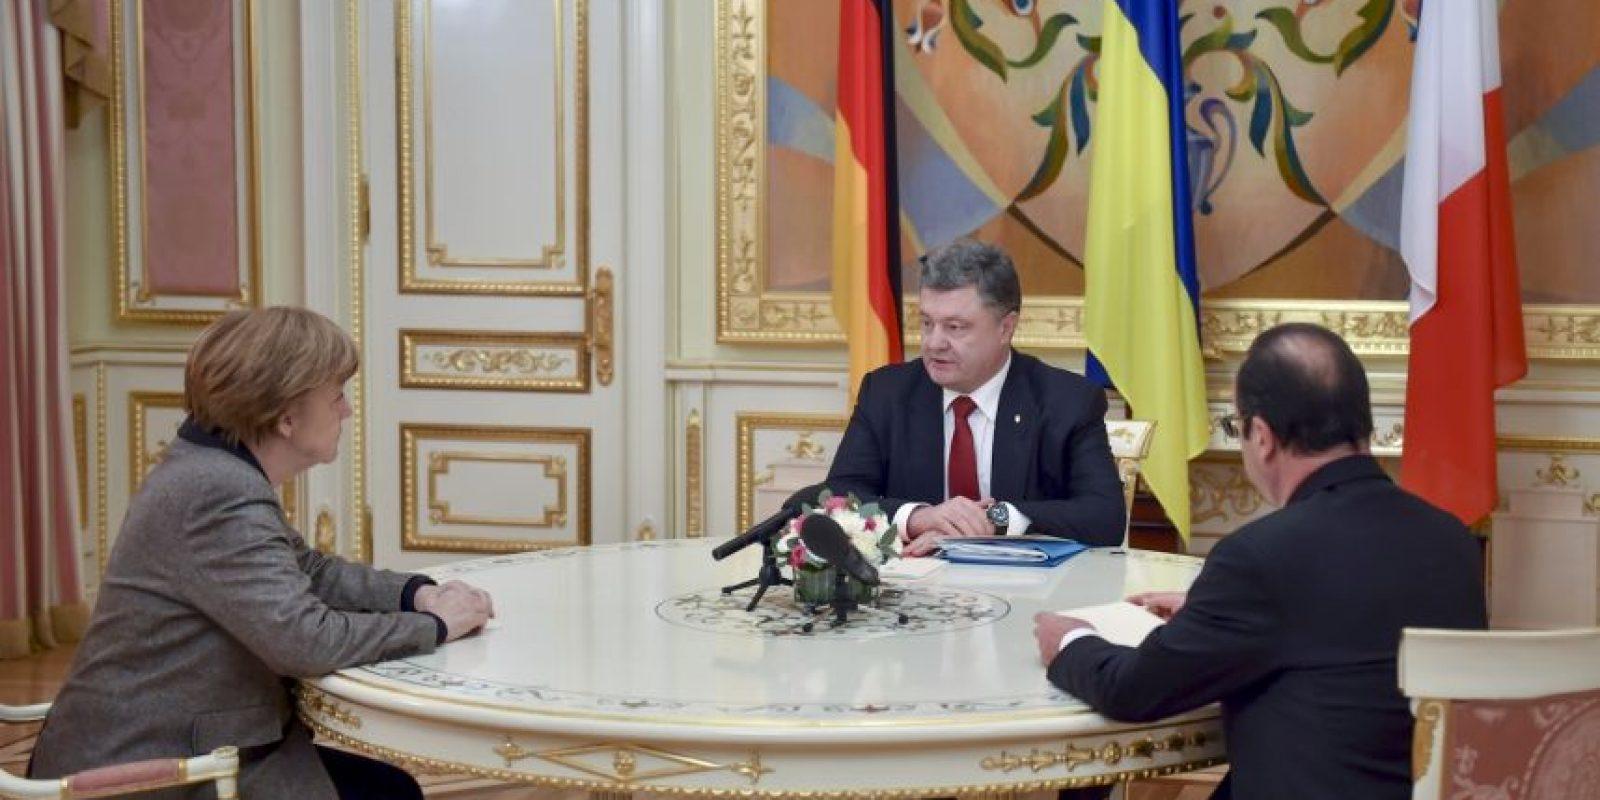 Las conversaciones entre Merkel y Hollande con Poroshenko se llevaron a cabo a puerta cerrada. Foto:AP